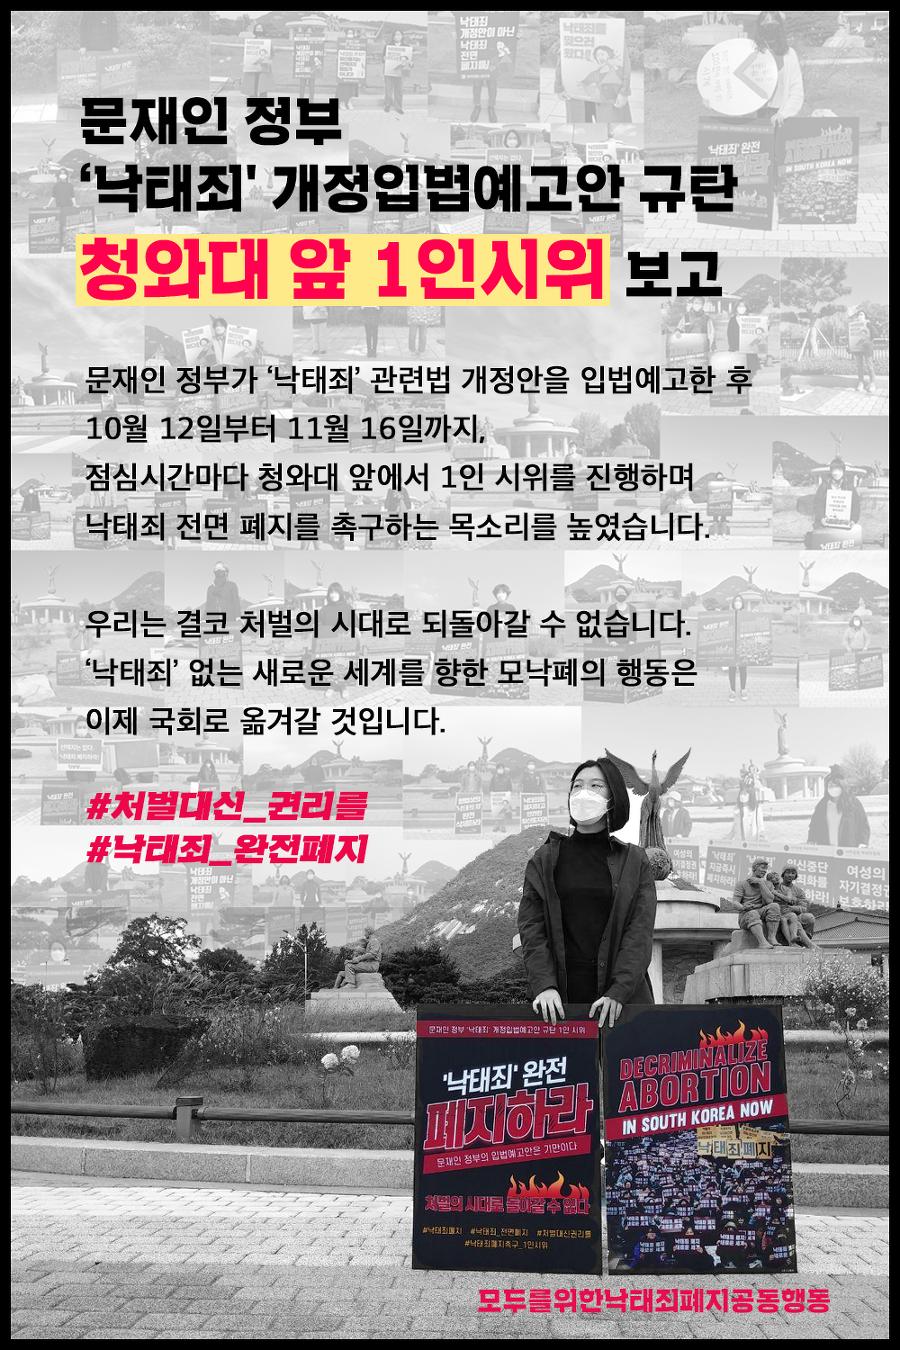 [후기] 문재인 정부 '낙태죄' 개정입법예고안..